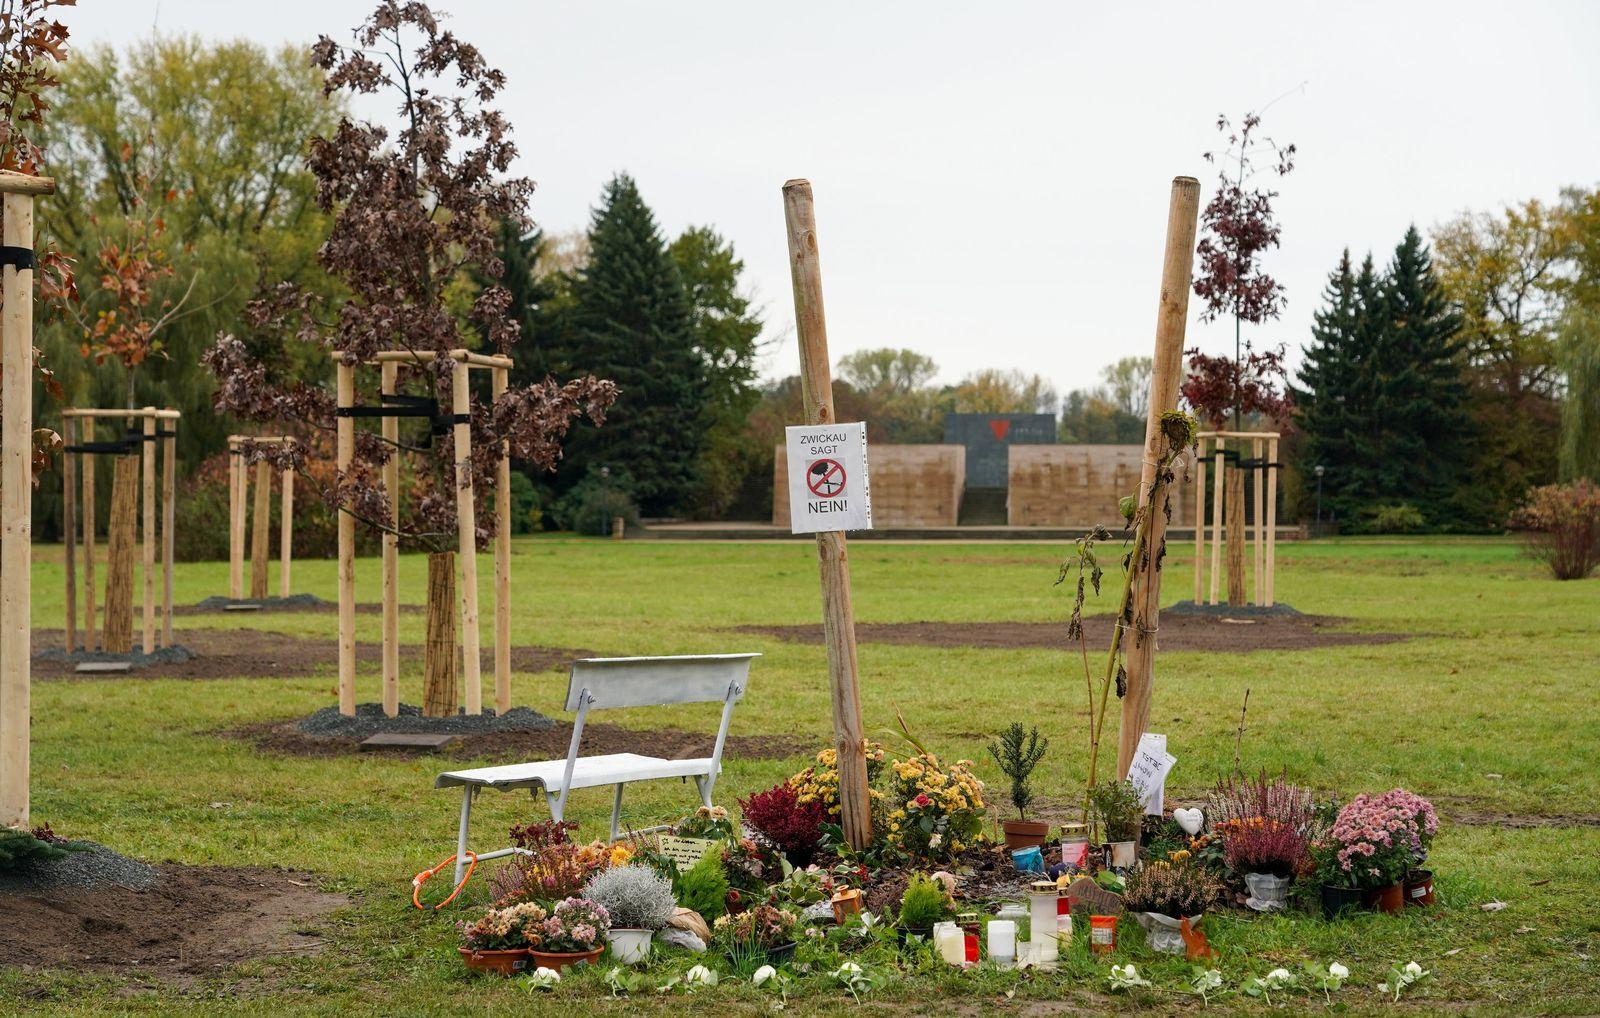 Gedenkort für NSU-Opfer, Stumpf